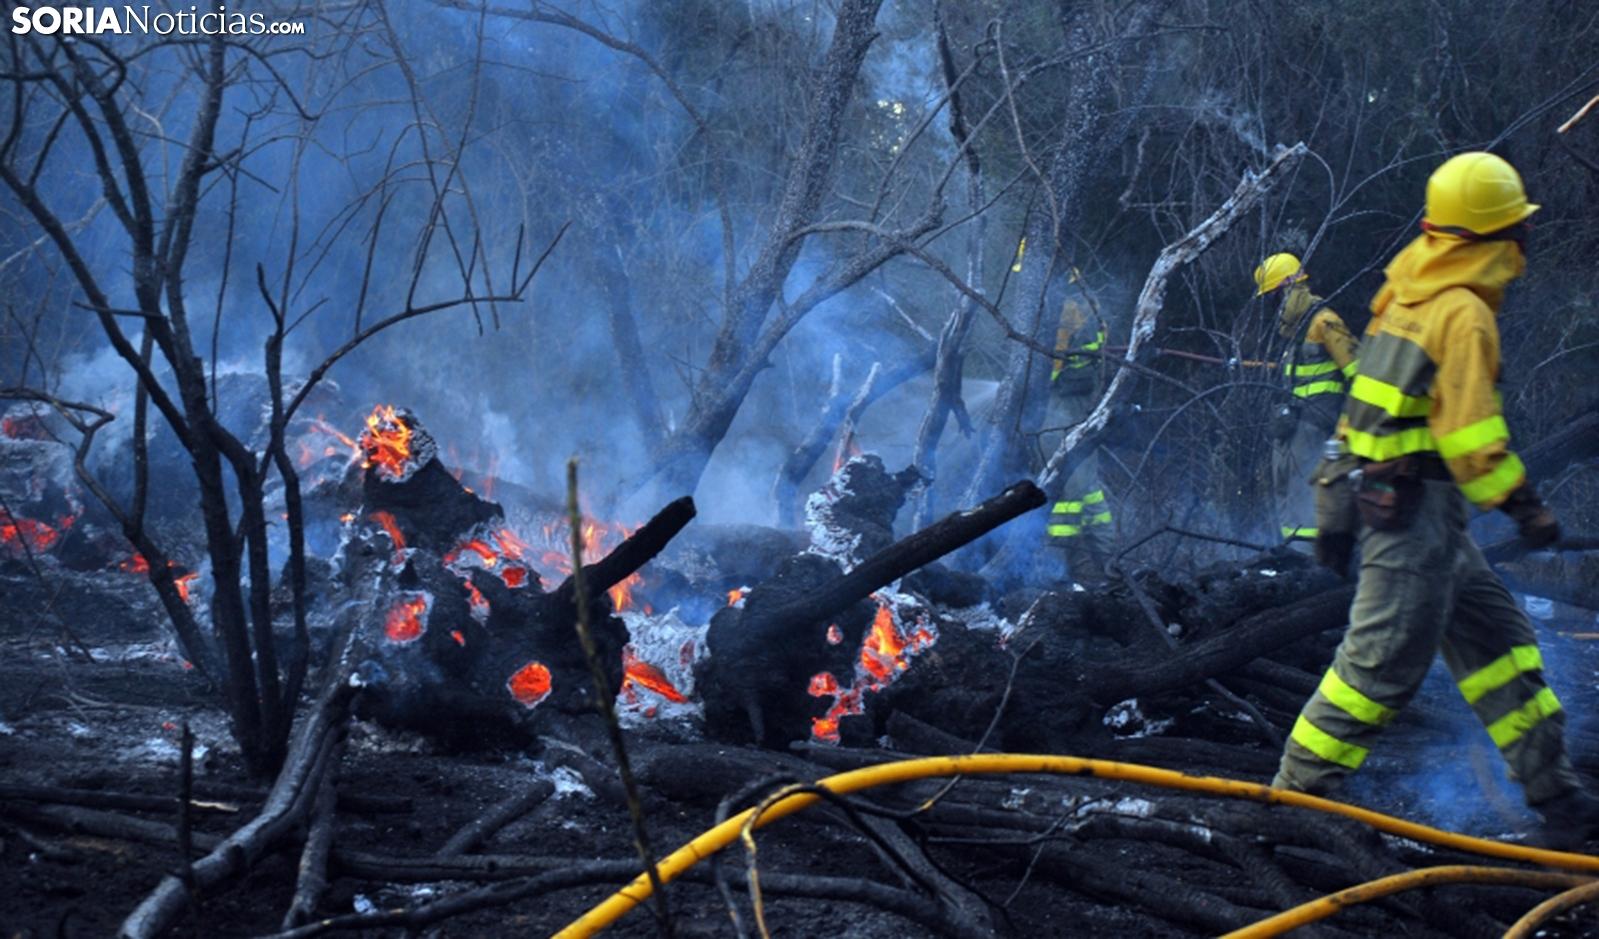 Labores de extinción de un incendio forestal en la provincia. /SN